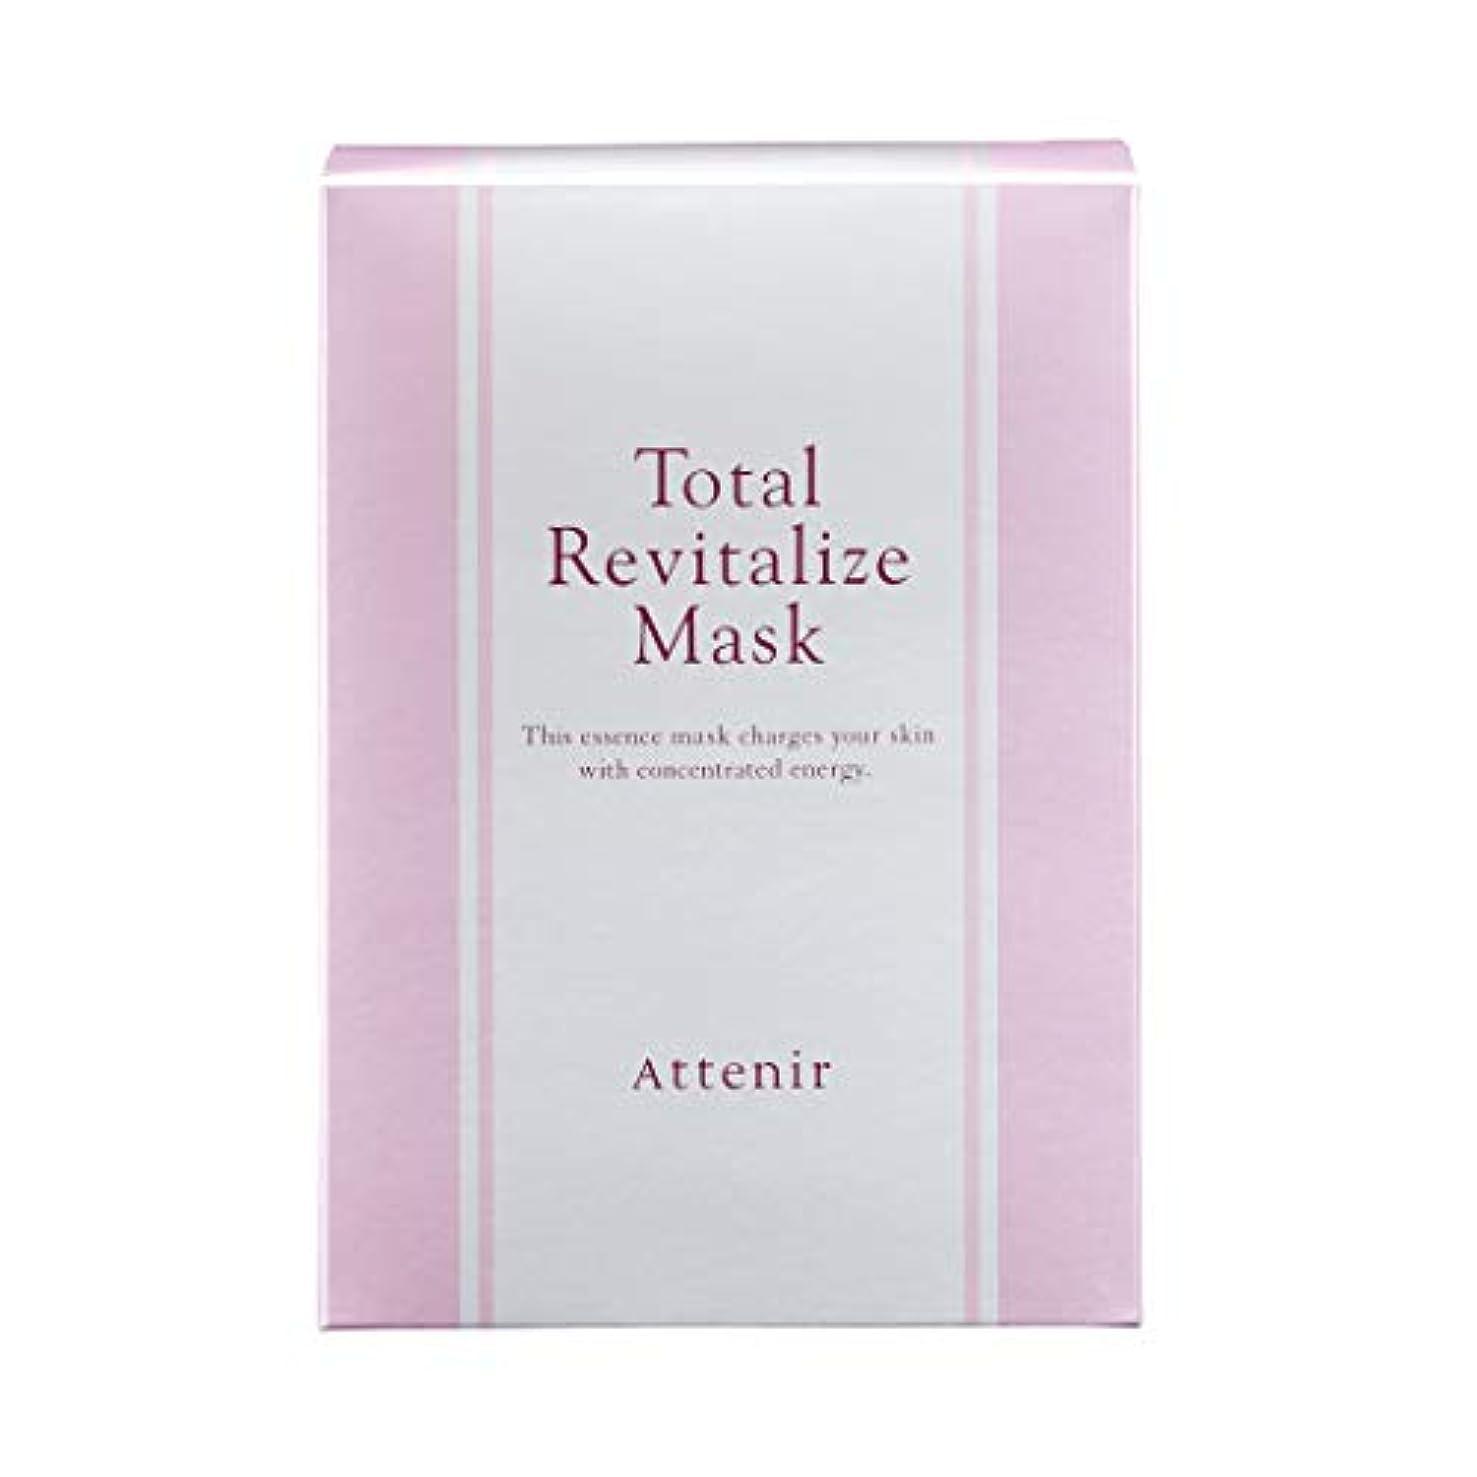 行く最高スラムアテニア トータルリヴァイタライズ マスク肌疲労ケアシートマスク 全顔用 6包入り フェイスパック